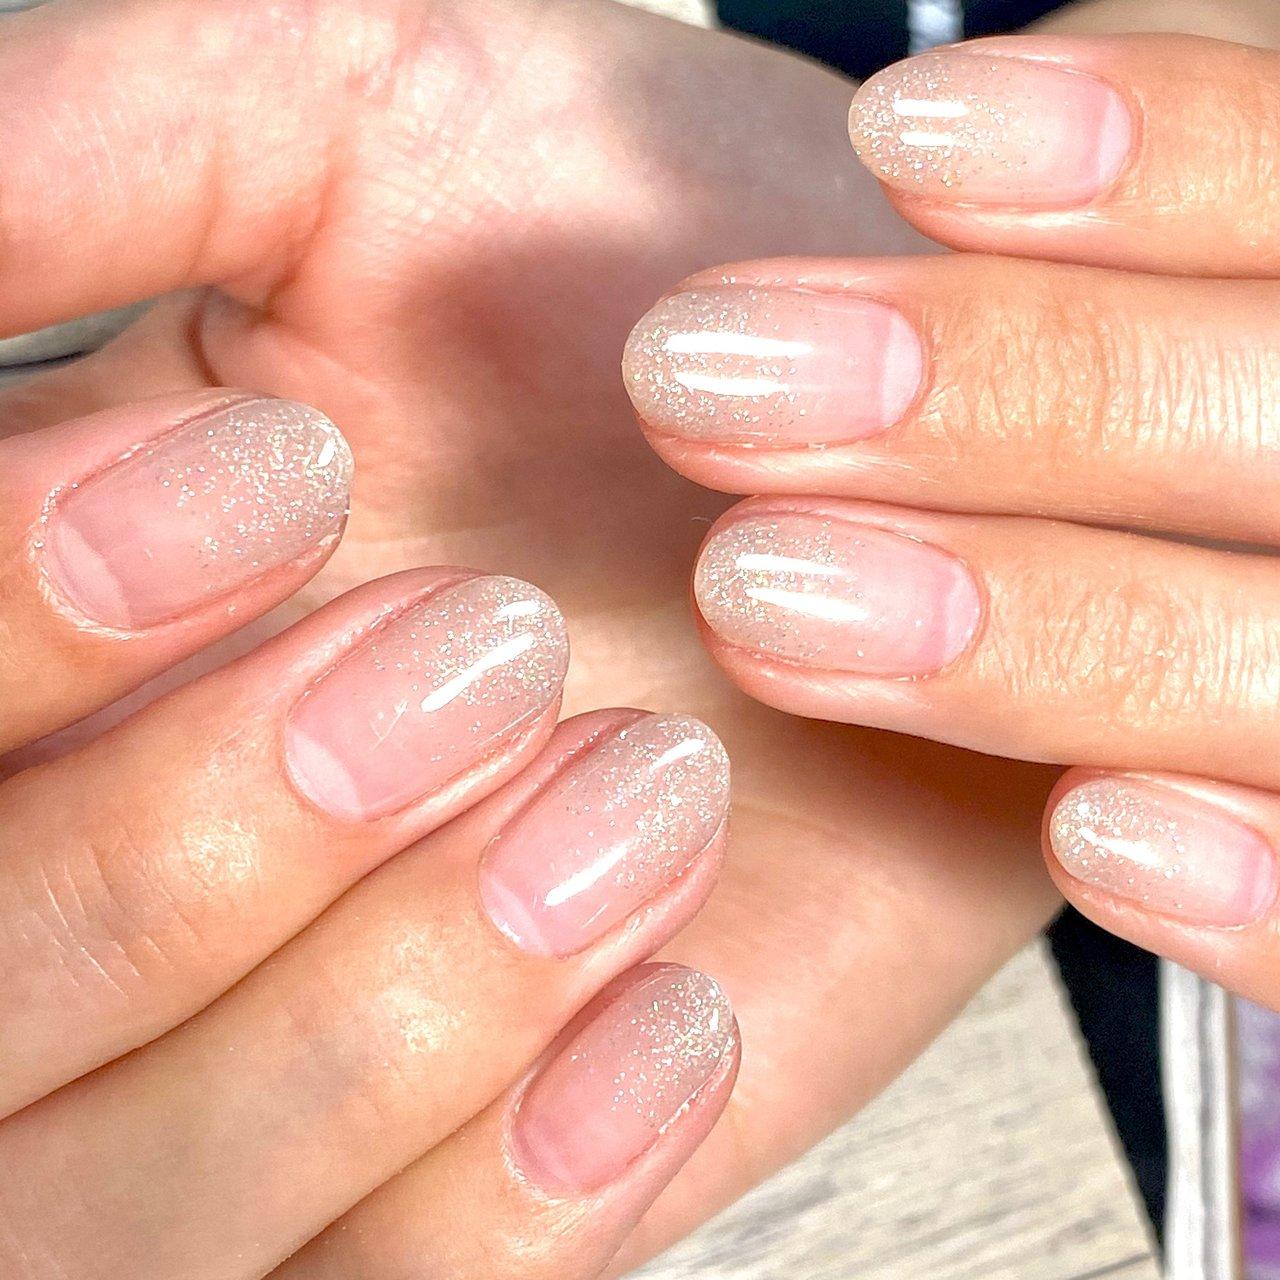 #ラメ#ラメグラデーション #azul nail #ネイルブック